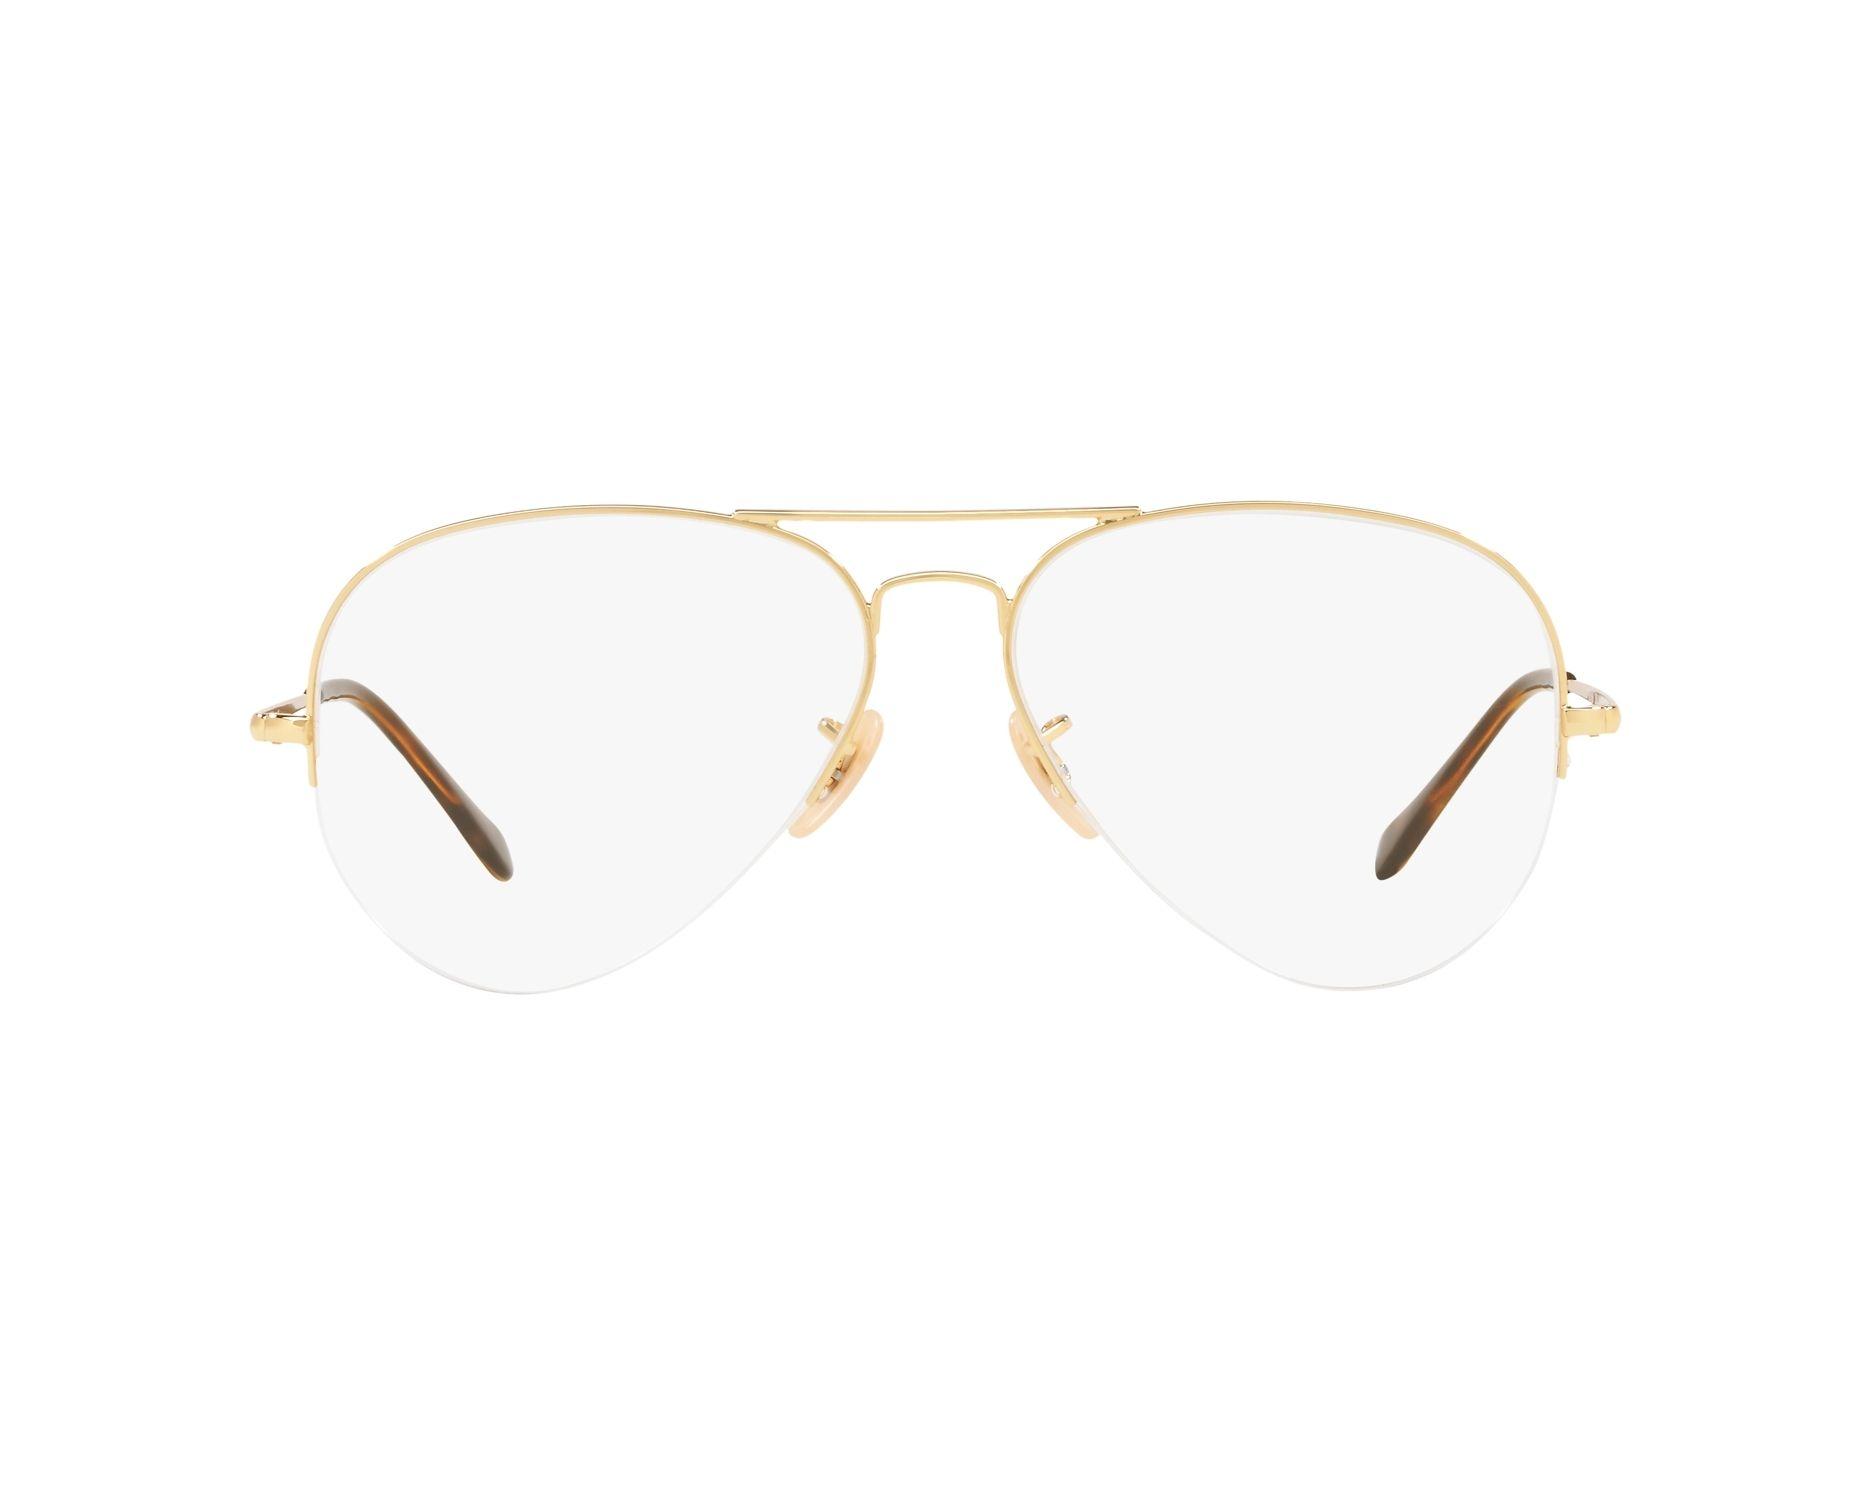 b8b17547cb35 eyeglasses Ray-Ban RX-6589 2500 56-15 Gold 360 degree view 1